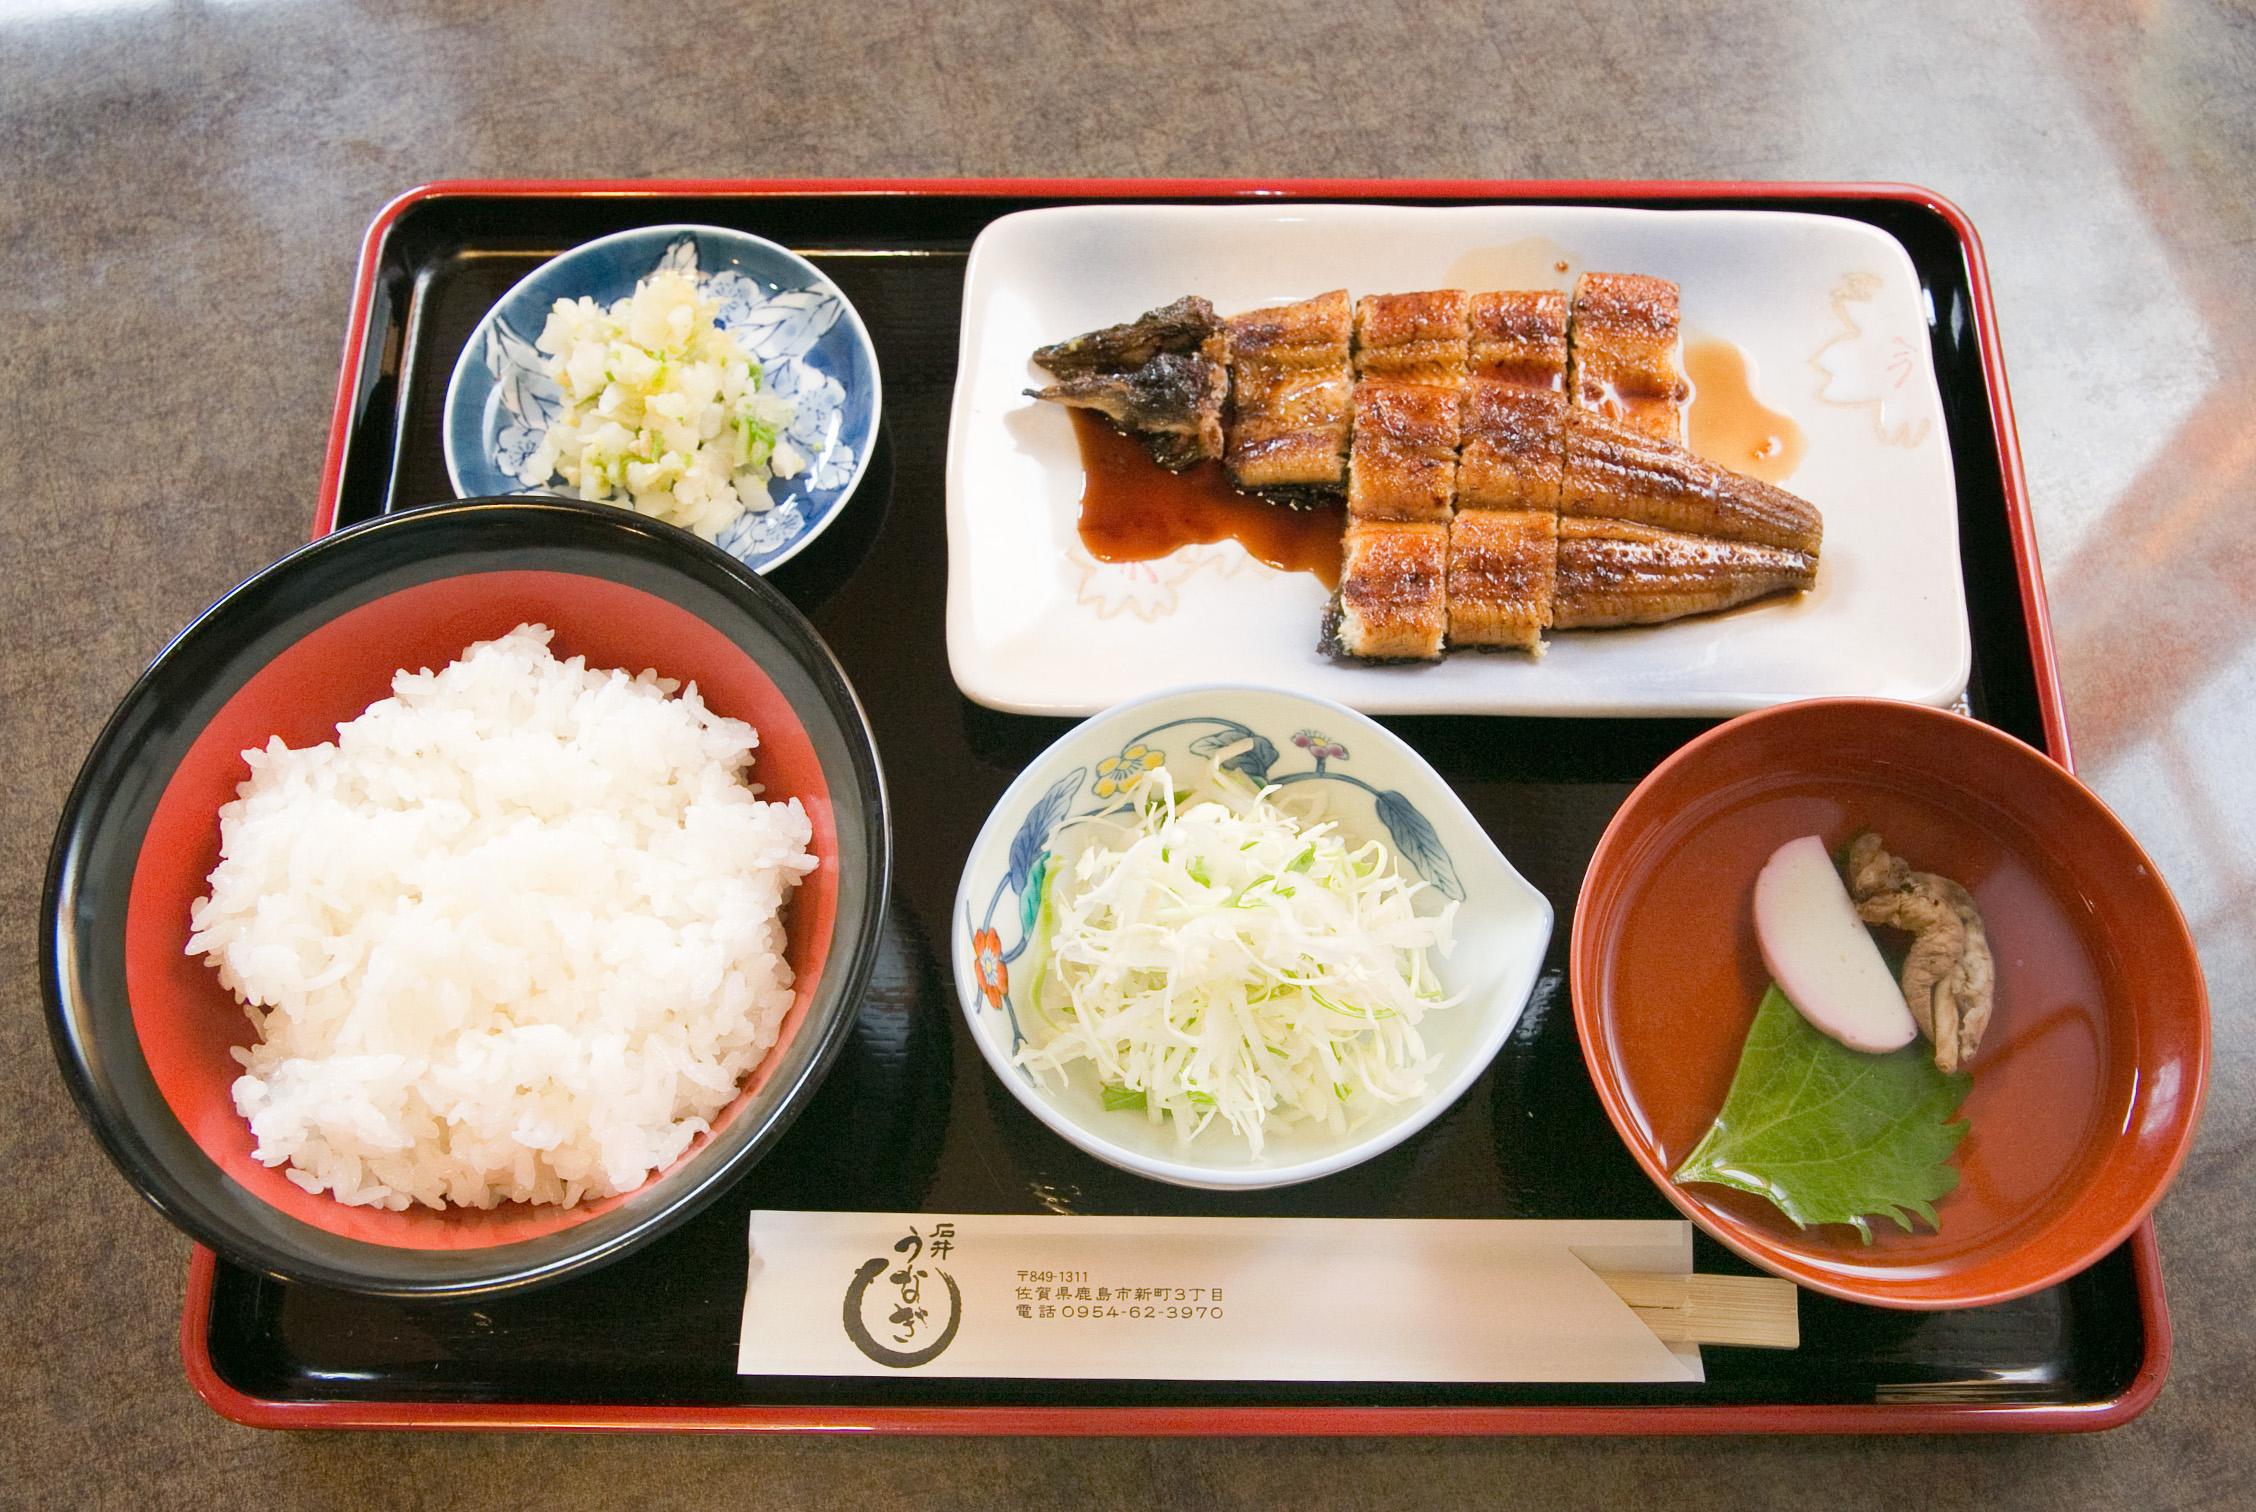 味にコクがあり、サッパリとした九州産のうなぎ。うなぎの肝が入ったお吸物も魅力の一品です。